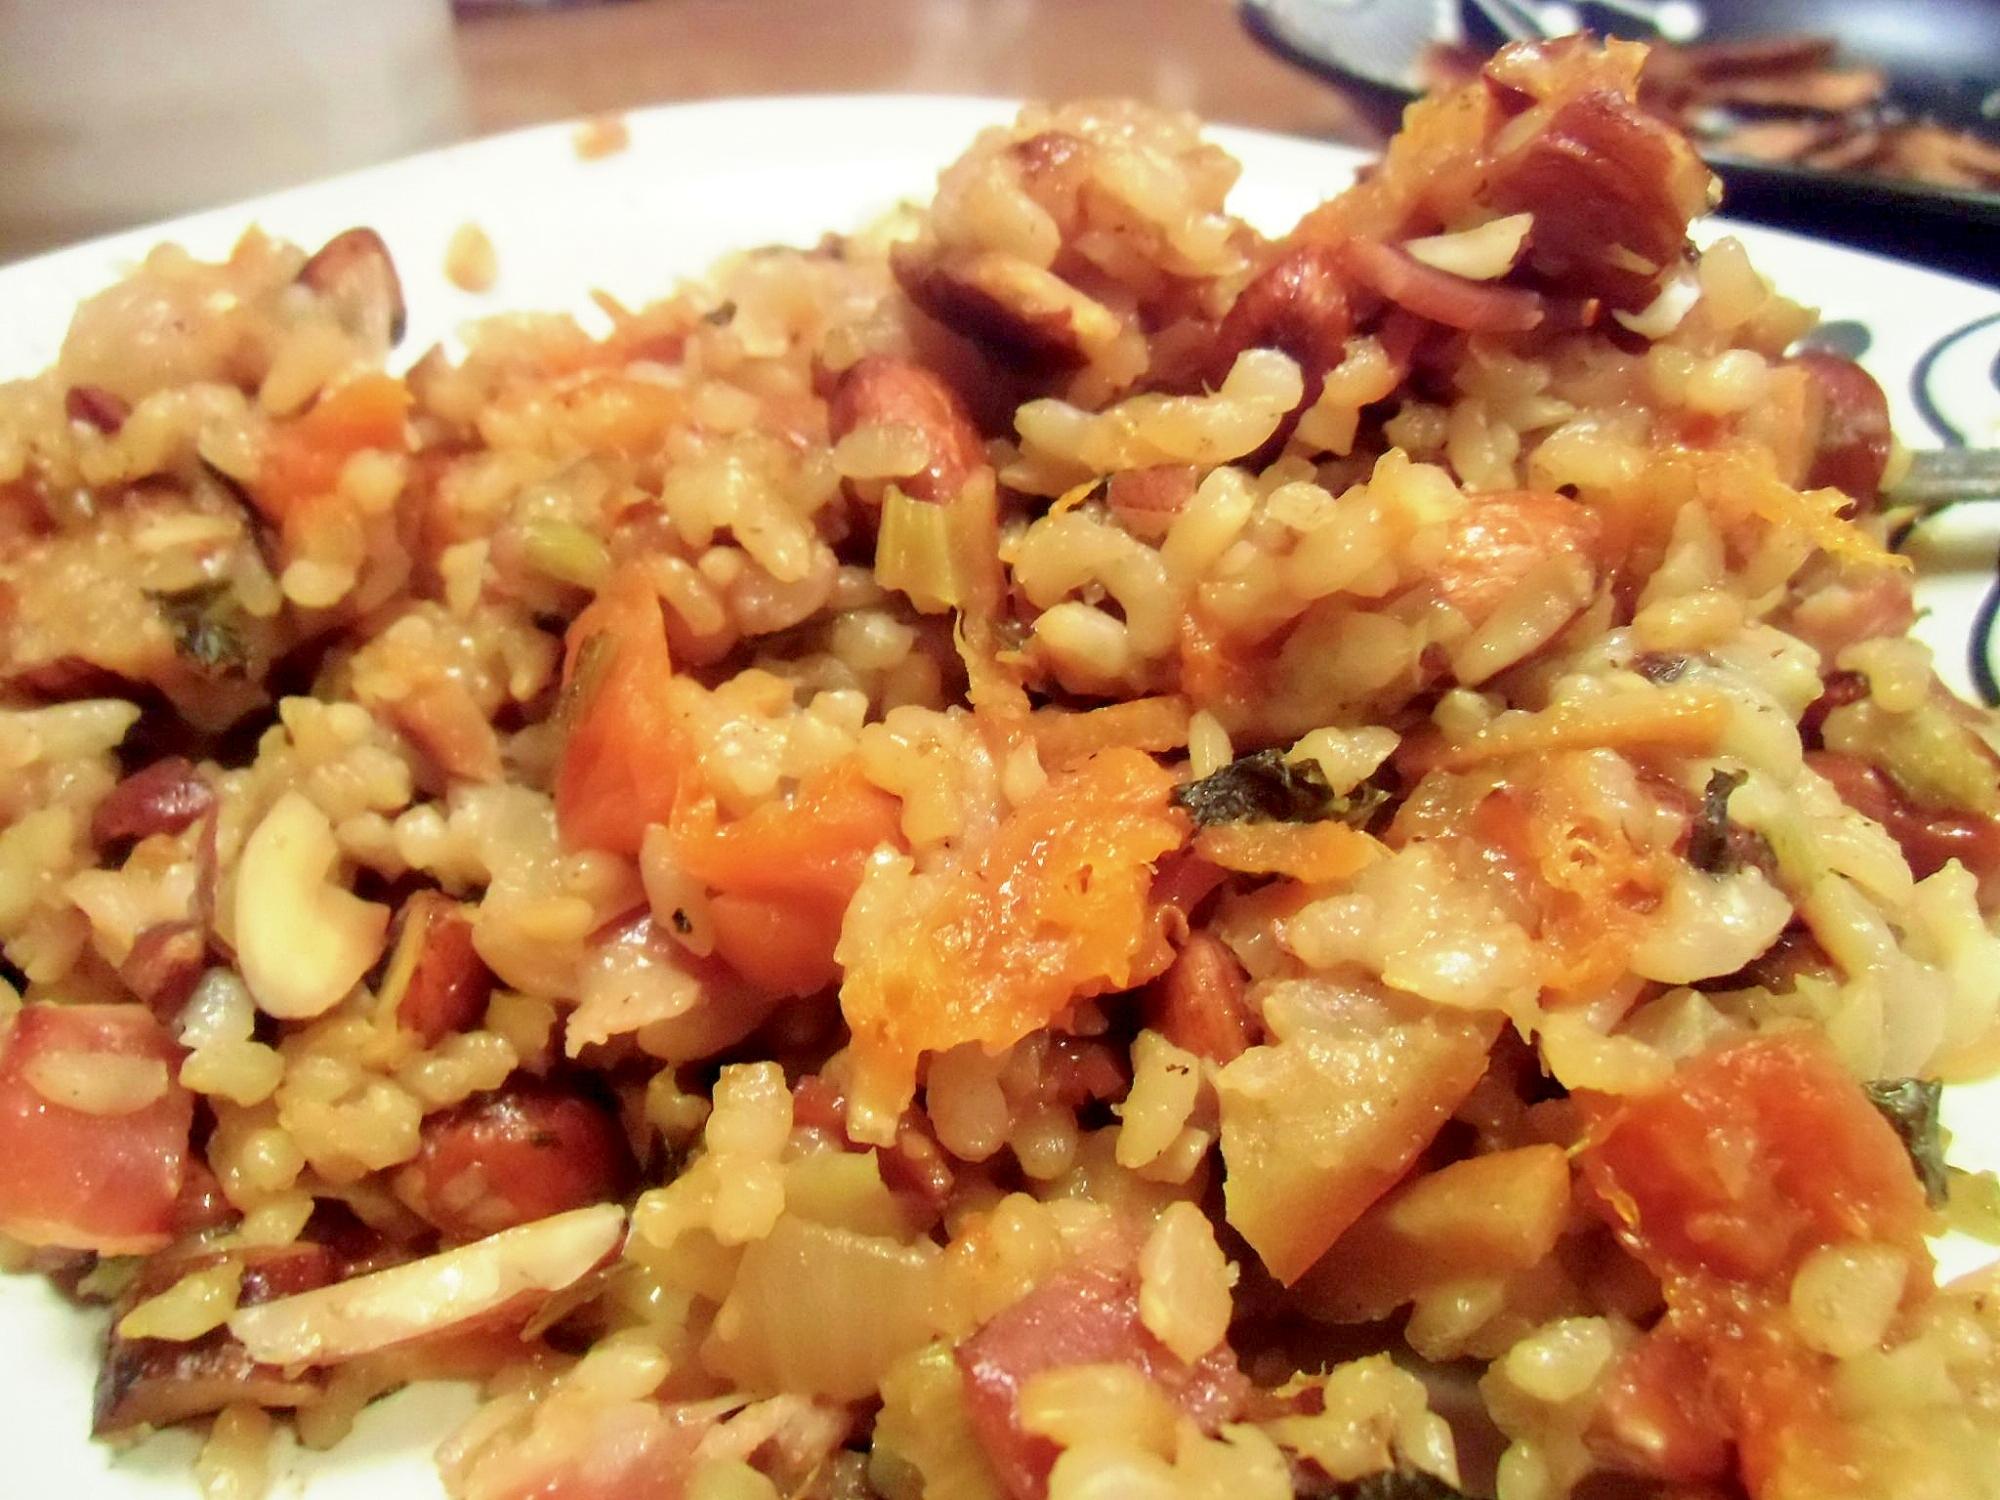 オレンジとアーモンドの玄米スタッフィング